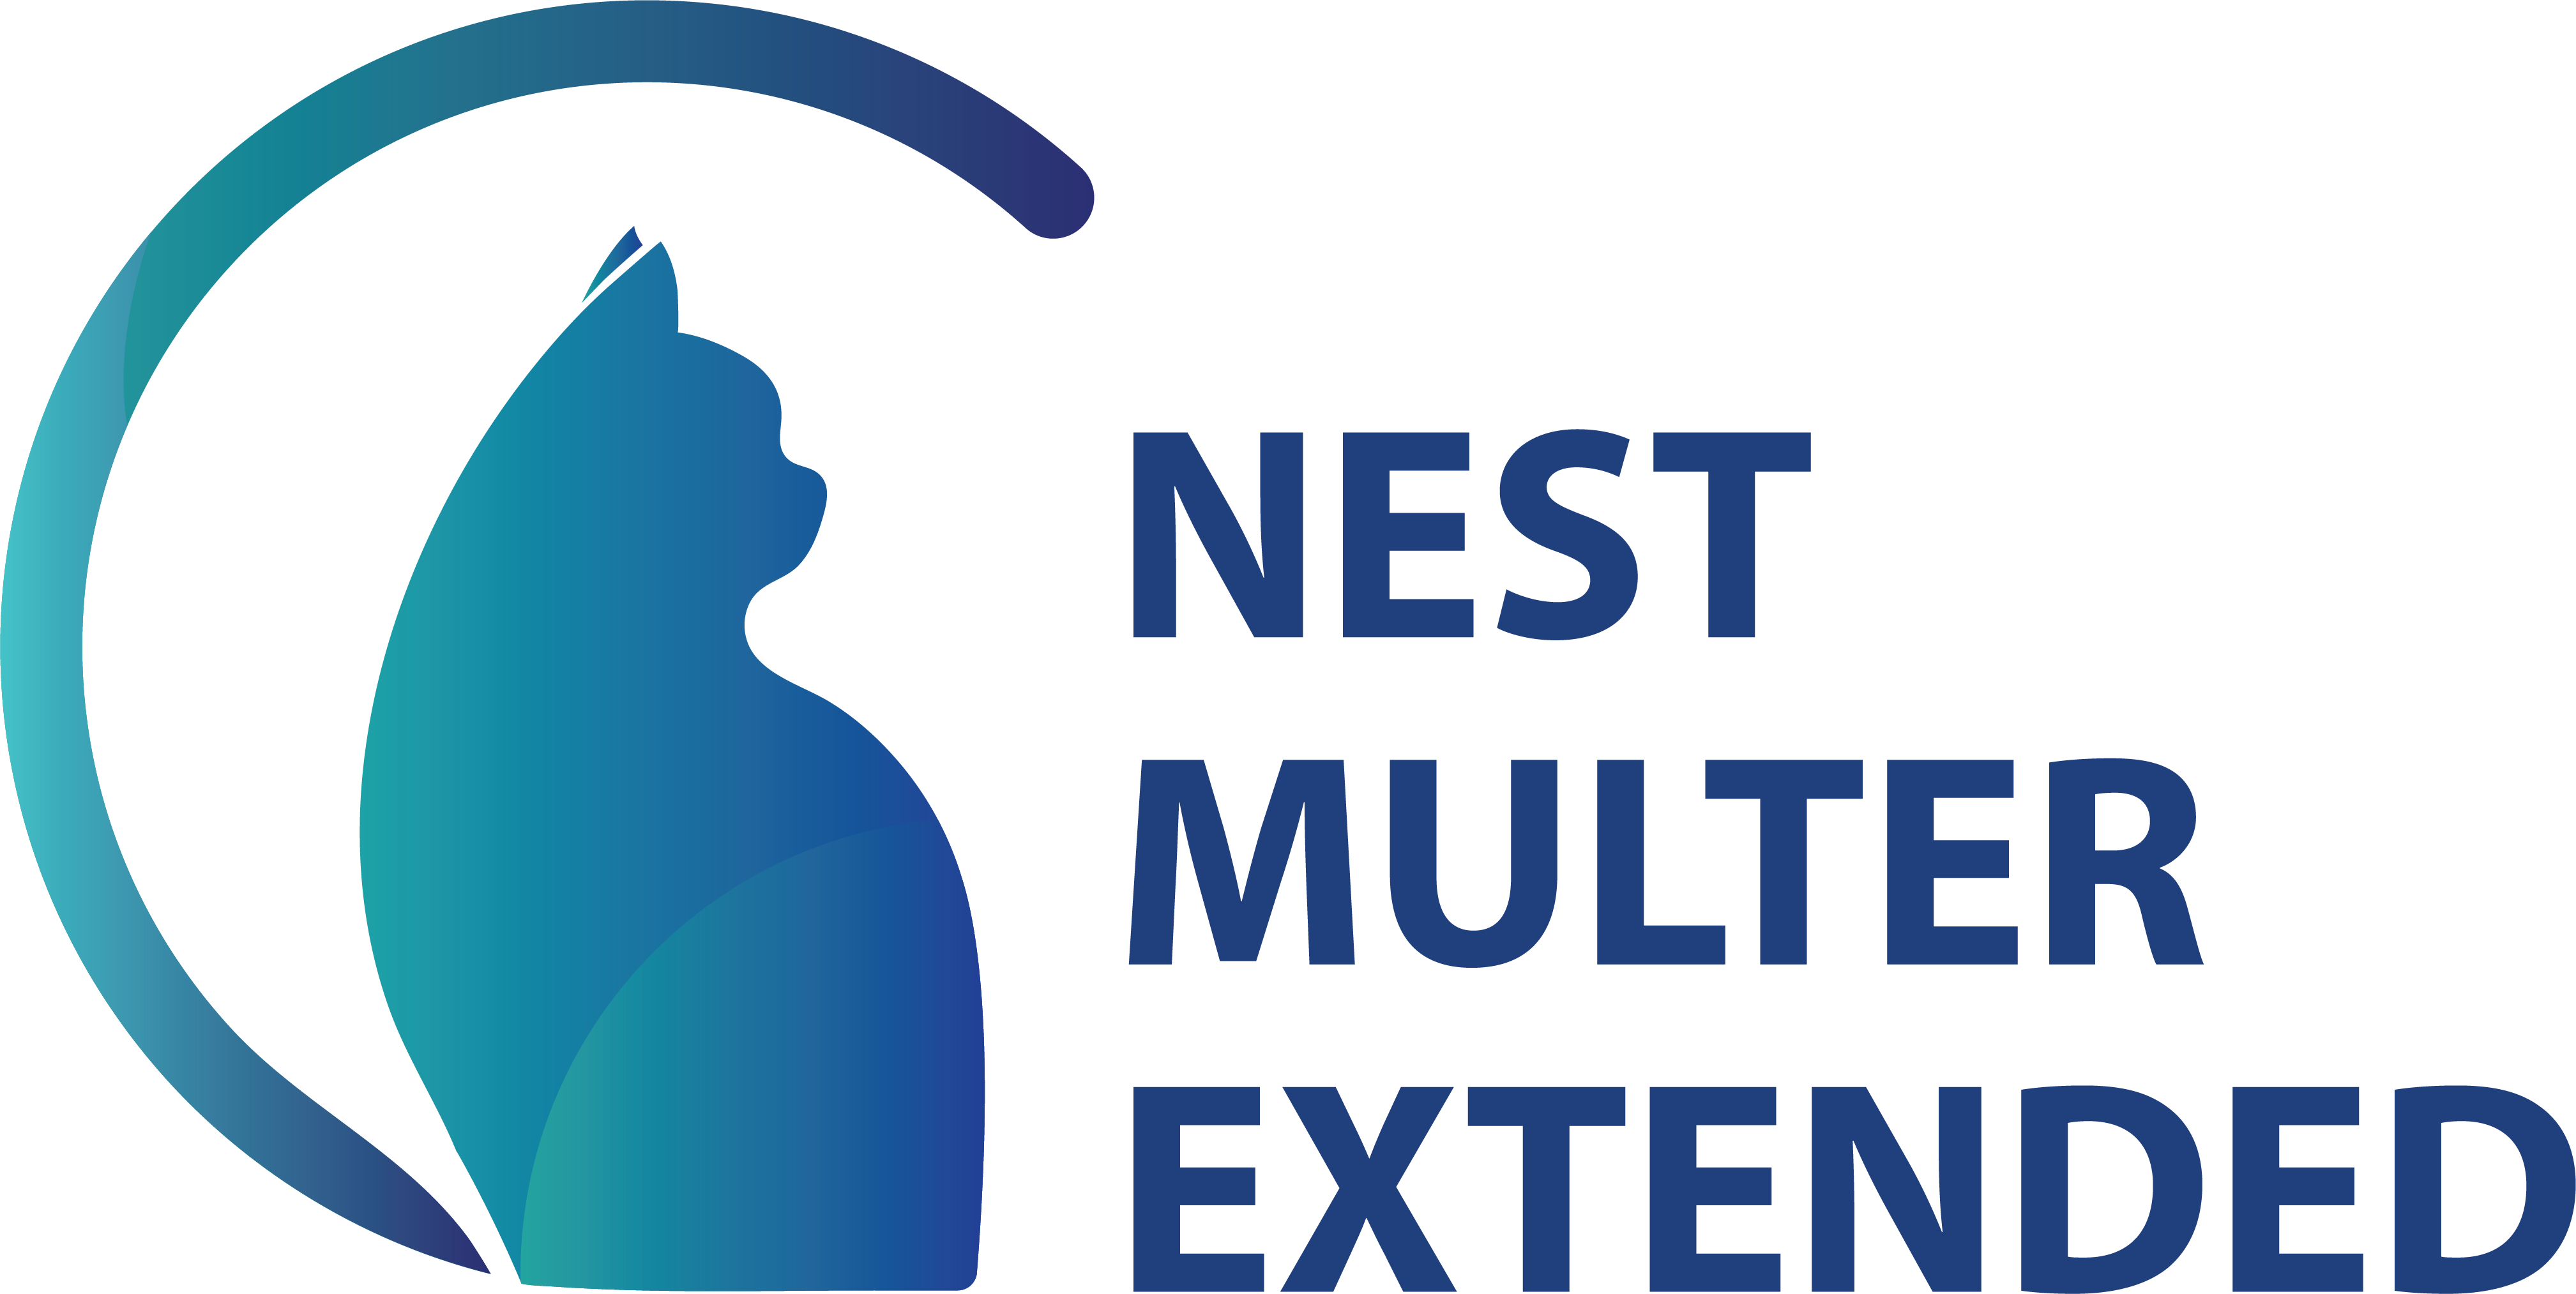 NestJS Multer Extended Logo